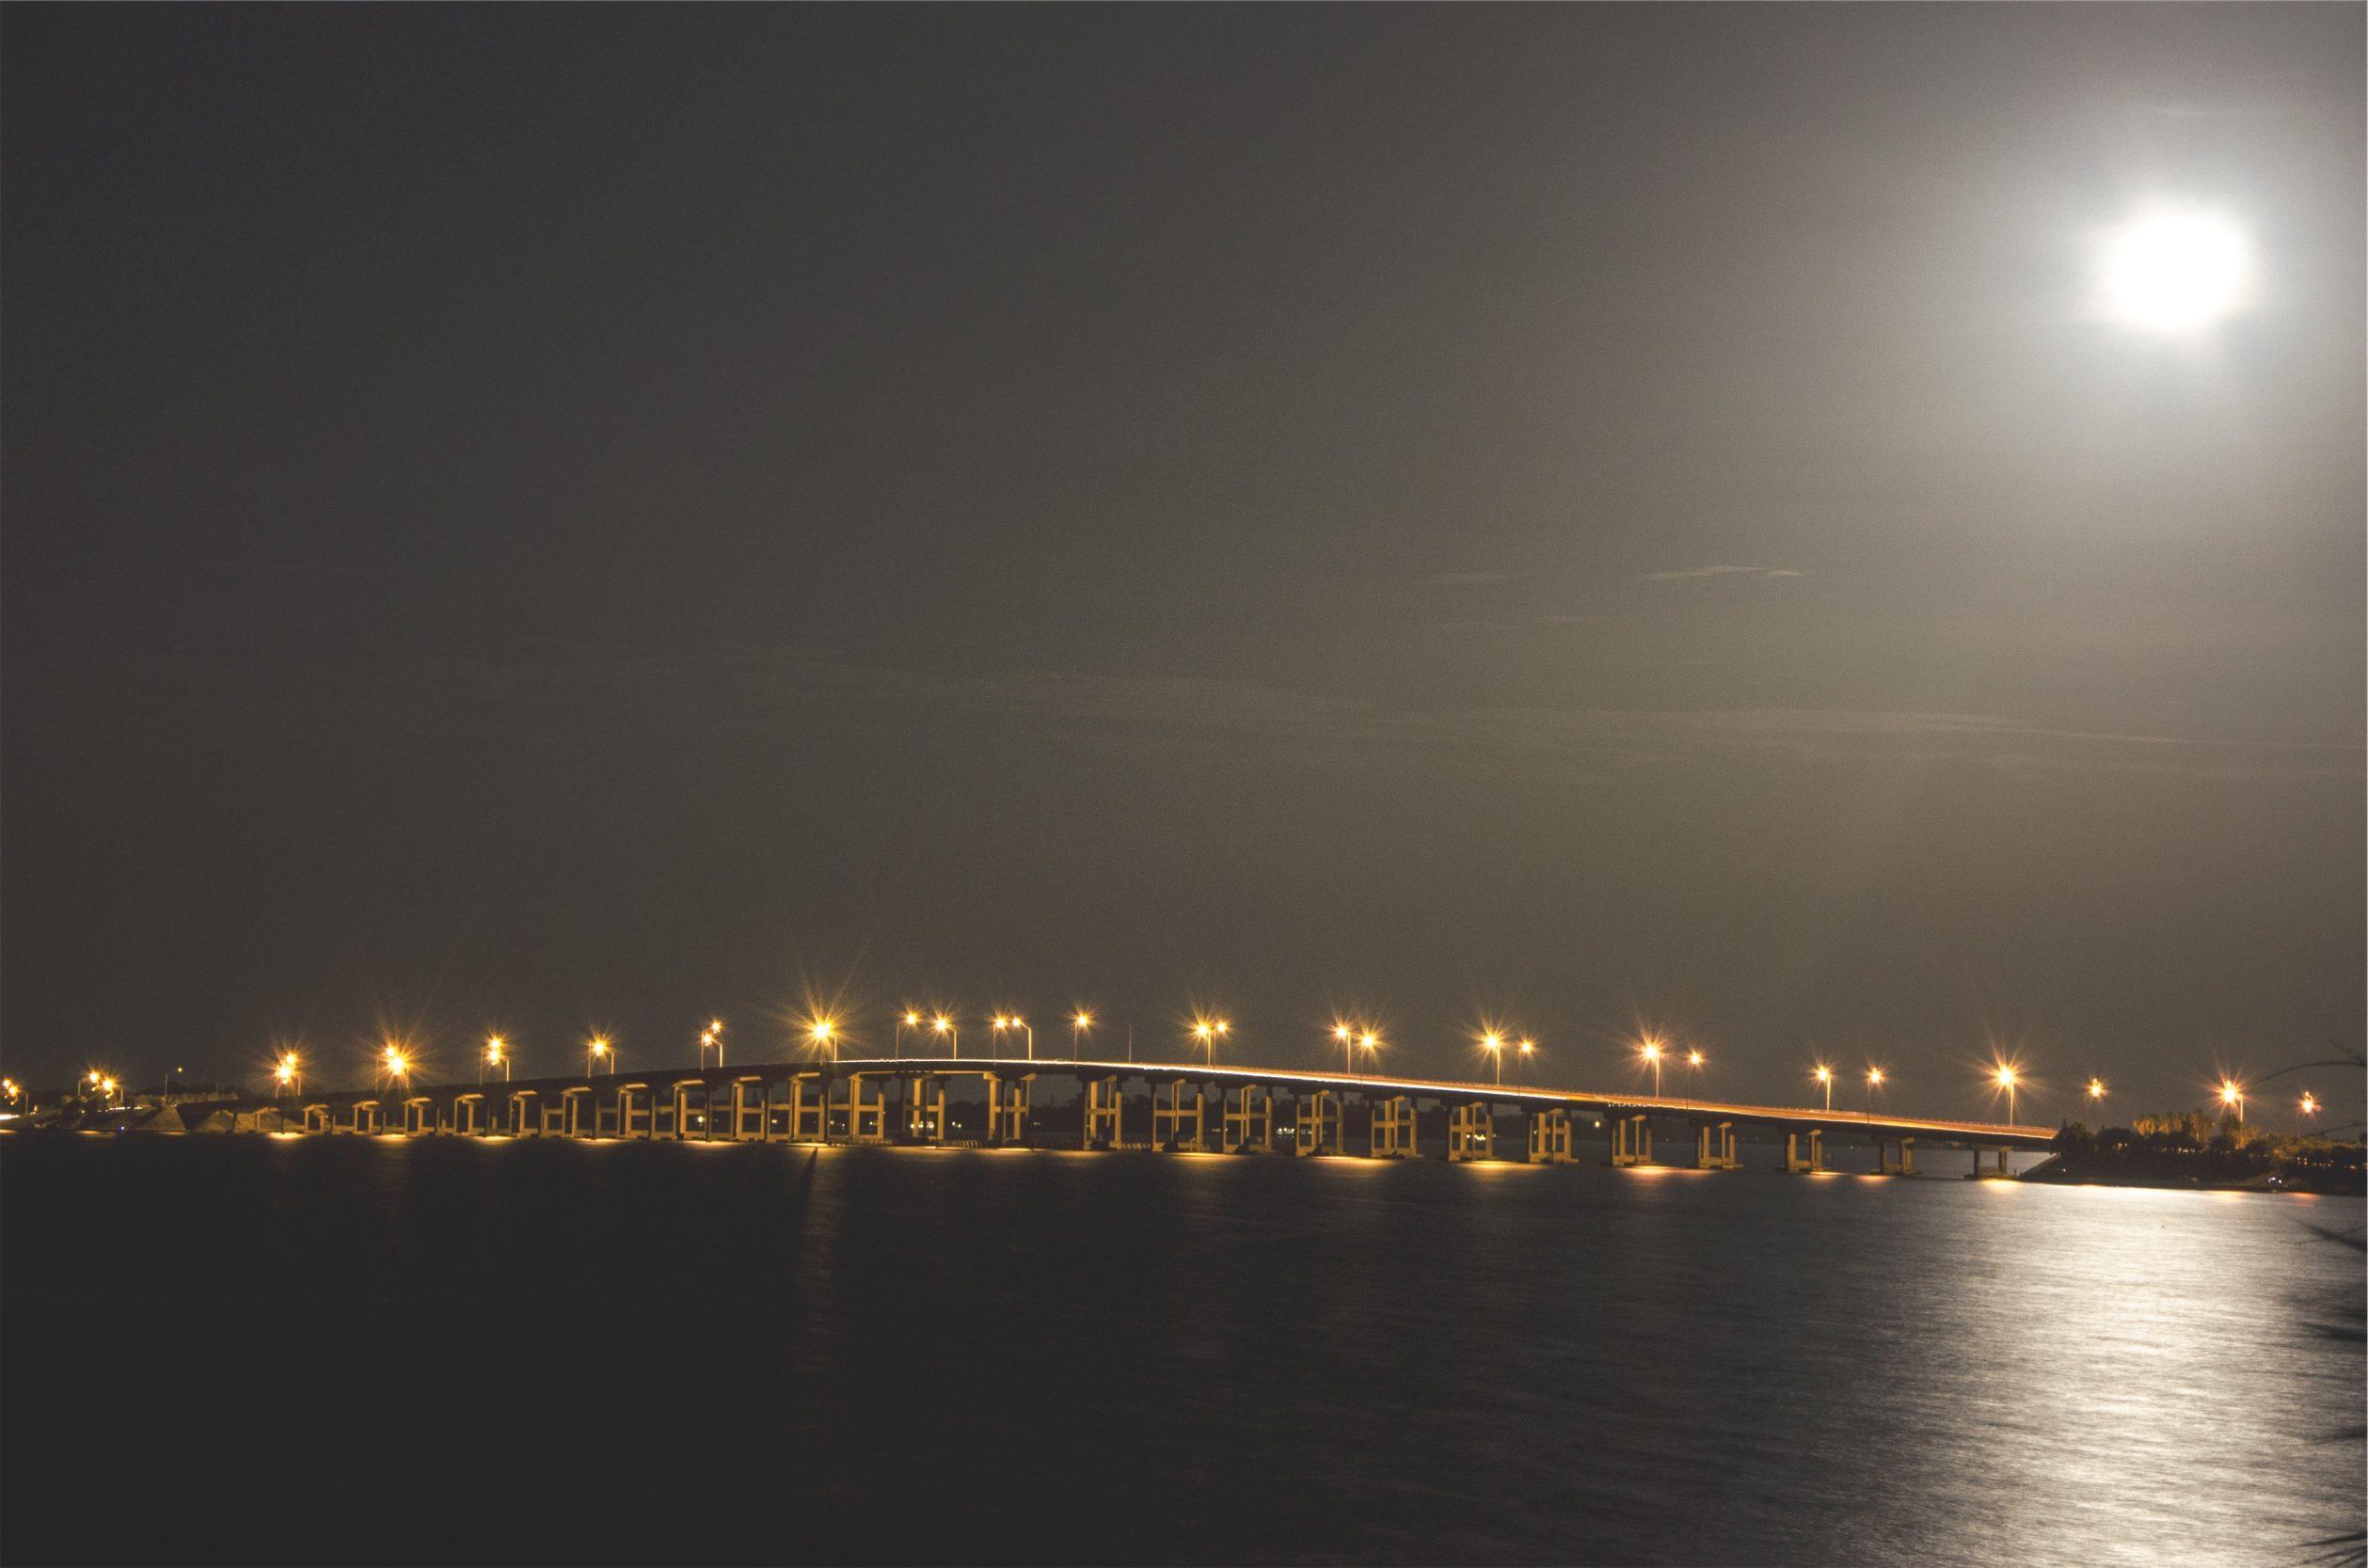 Φεγγάρι, γέφυρα, νύχτα, Θάλασσα, φώτα - Wallpapers HD - Professor-falken.com